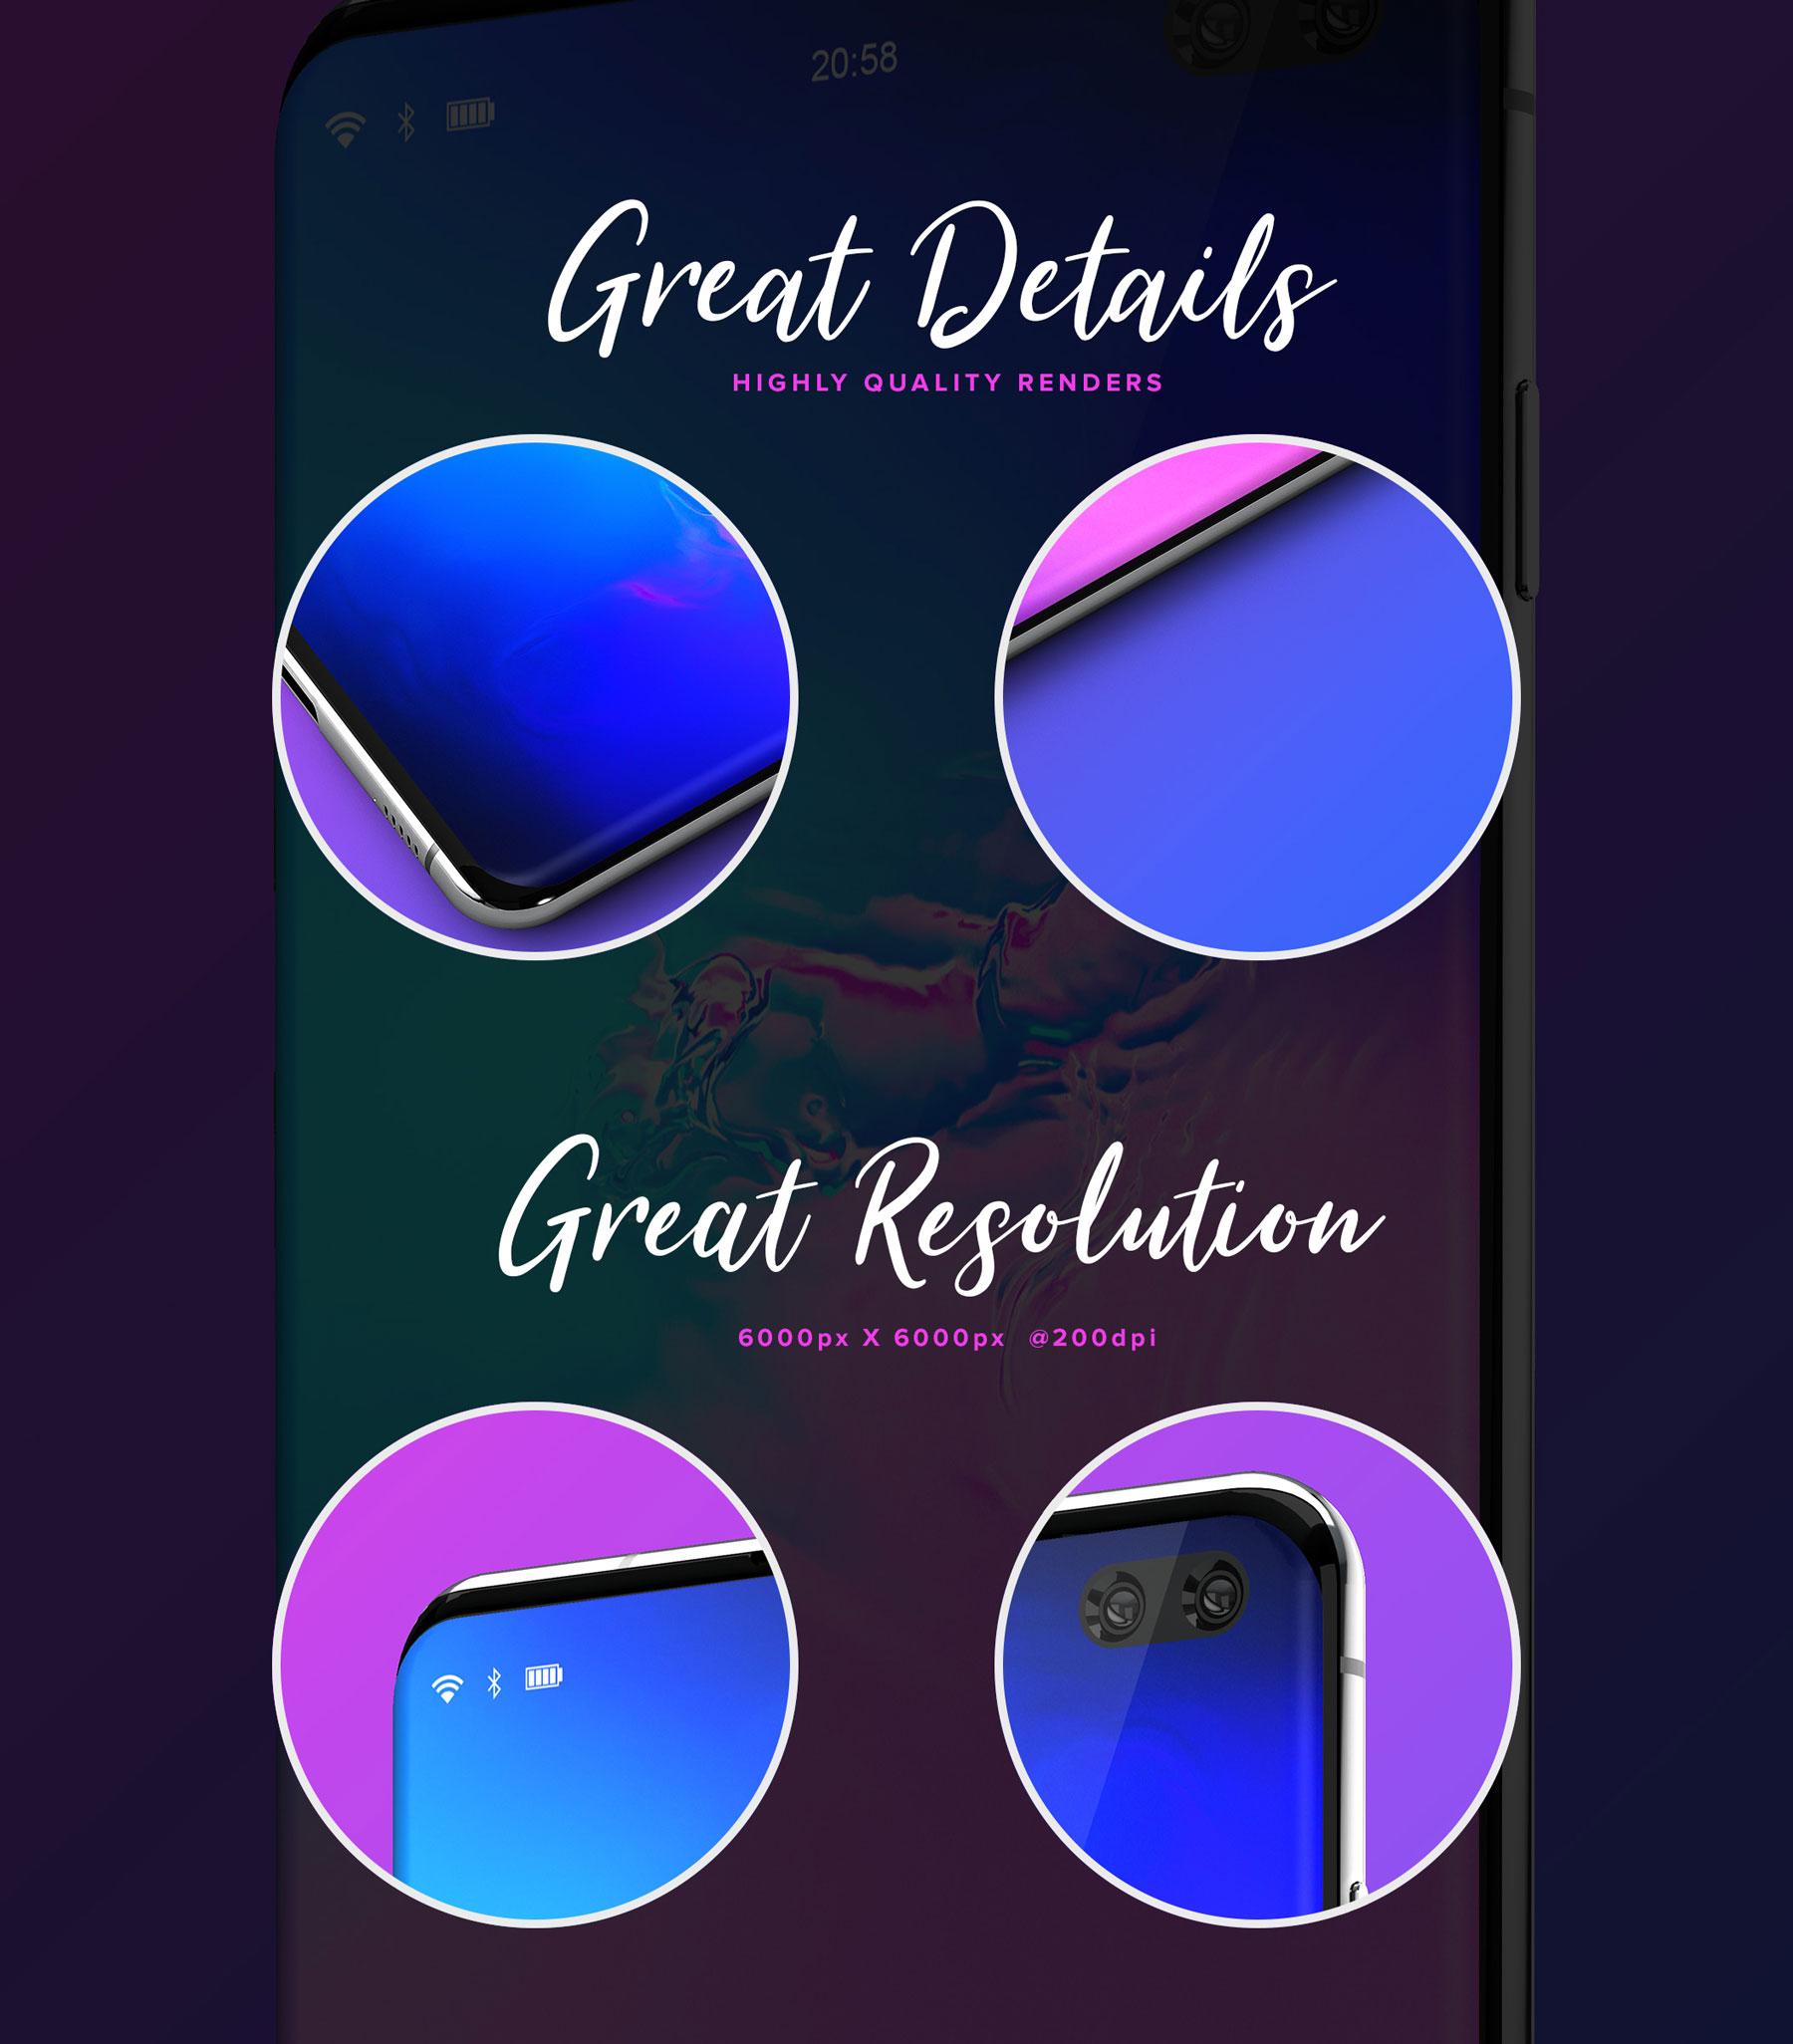 应用程序&网站设计预览三星Galaxy S10样机模板 Samsung Galaxy S10+ Design Mockup 2插图(7)